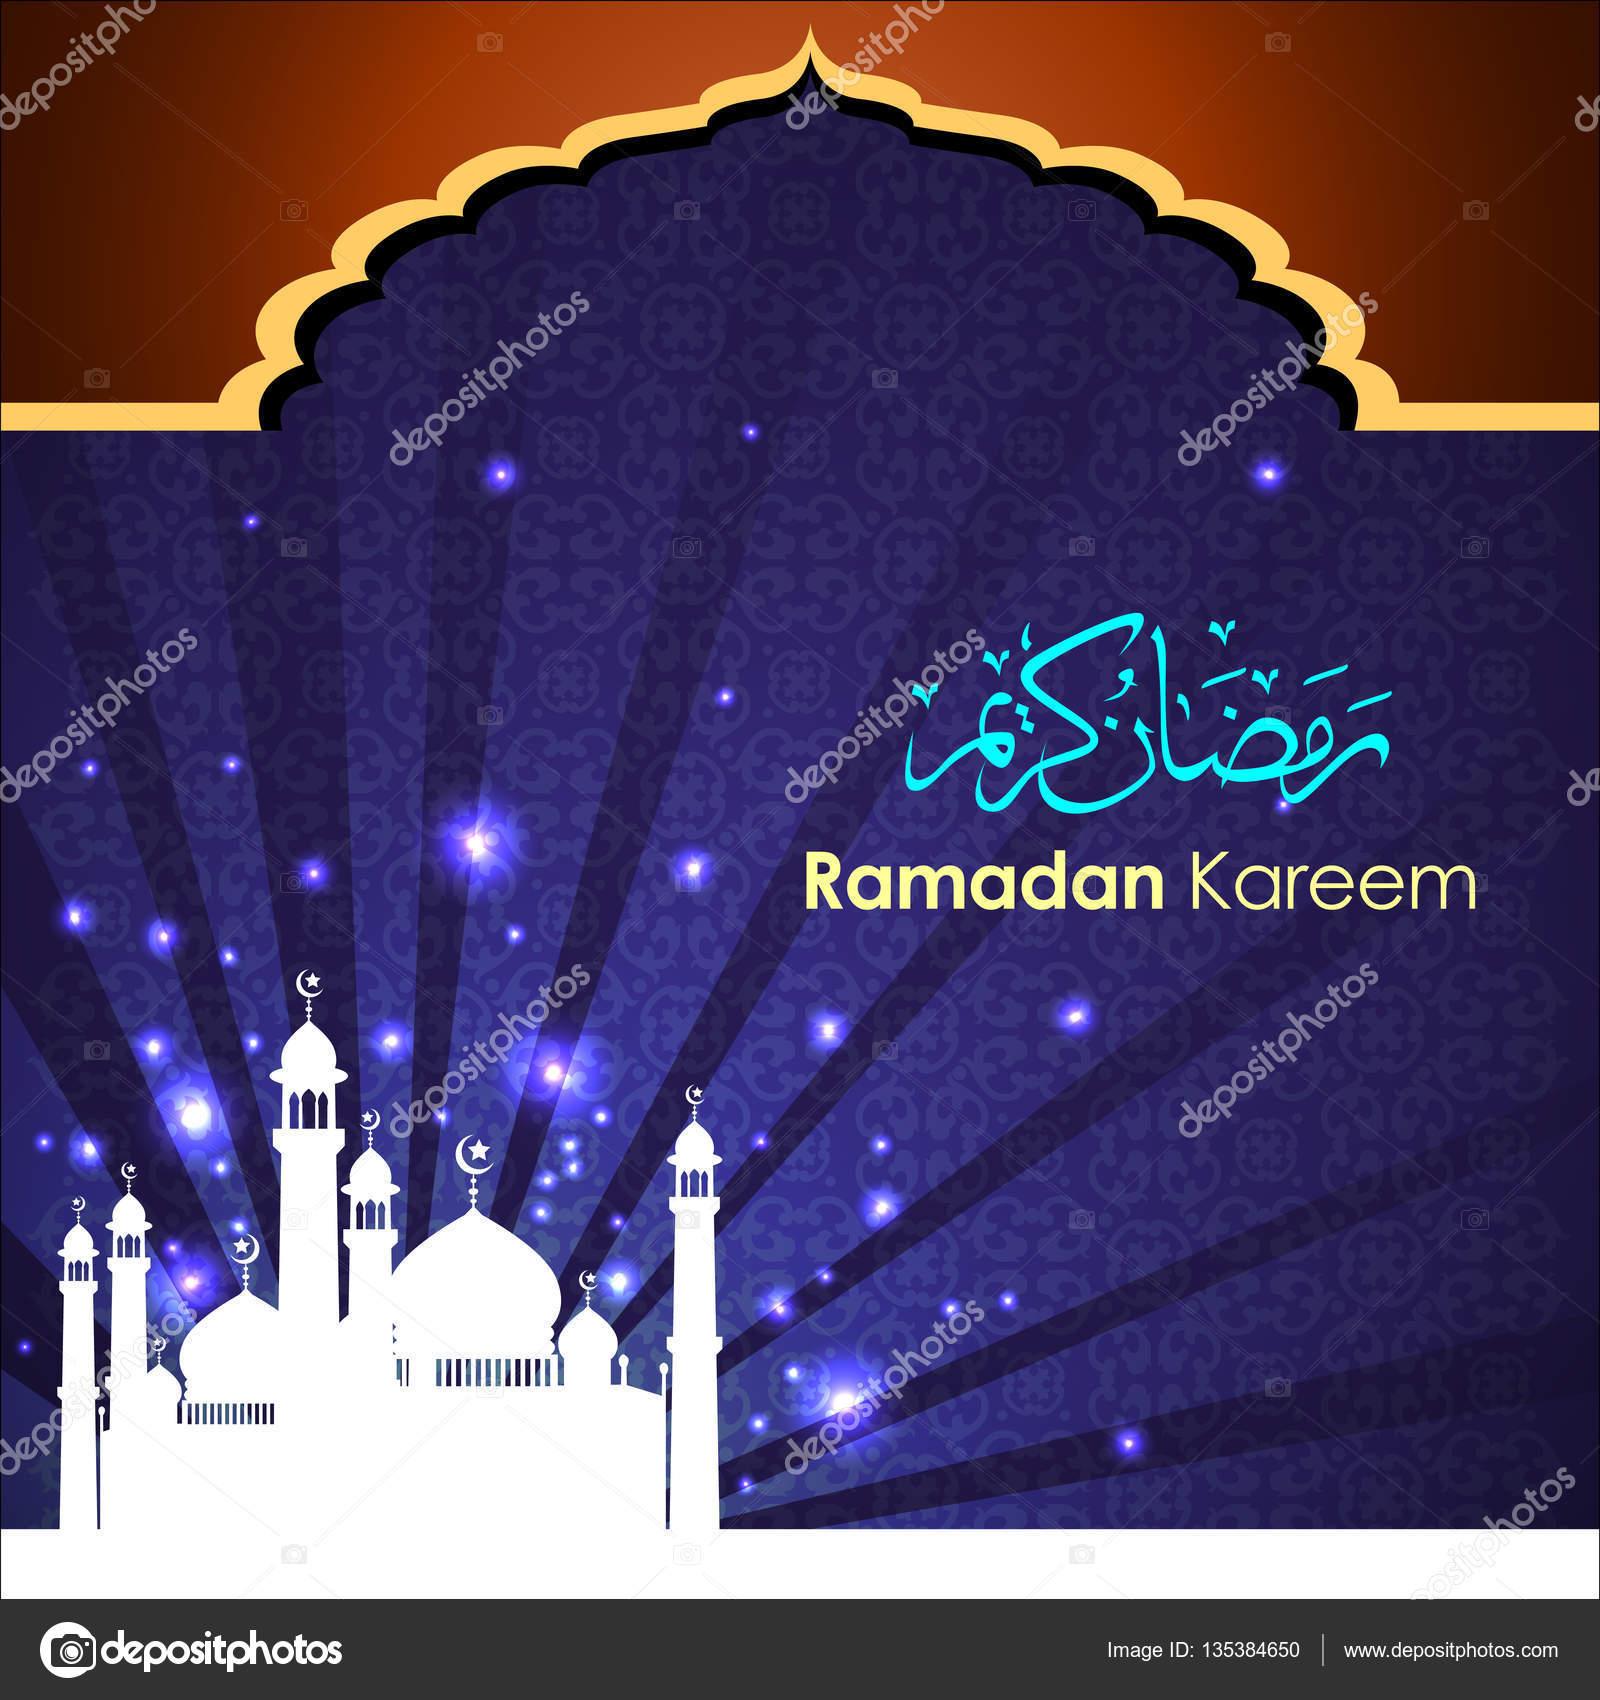 Арабские открытки с поздравлением